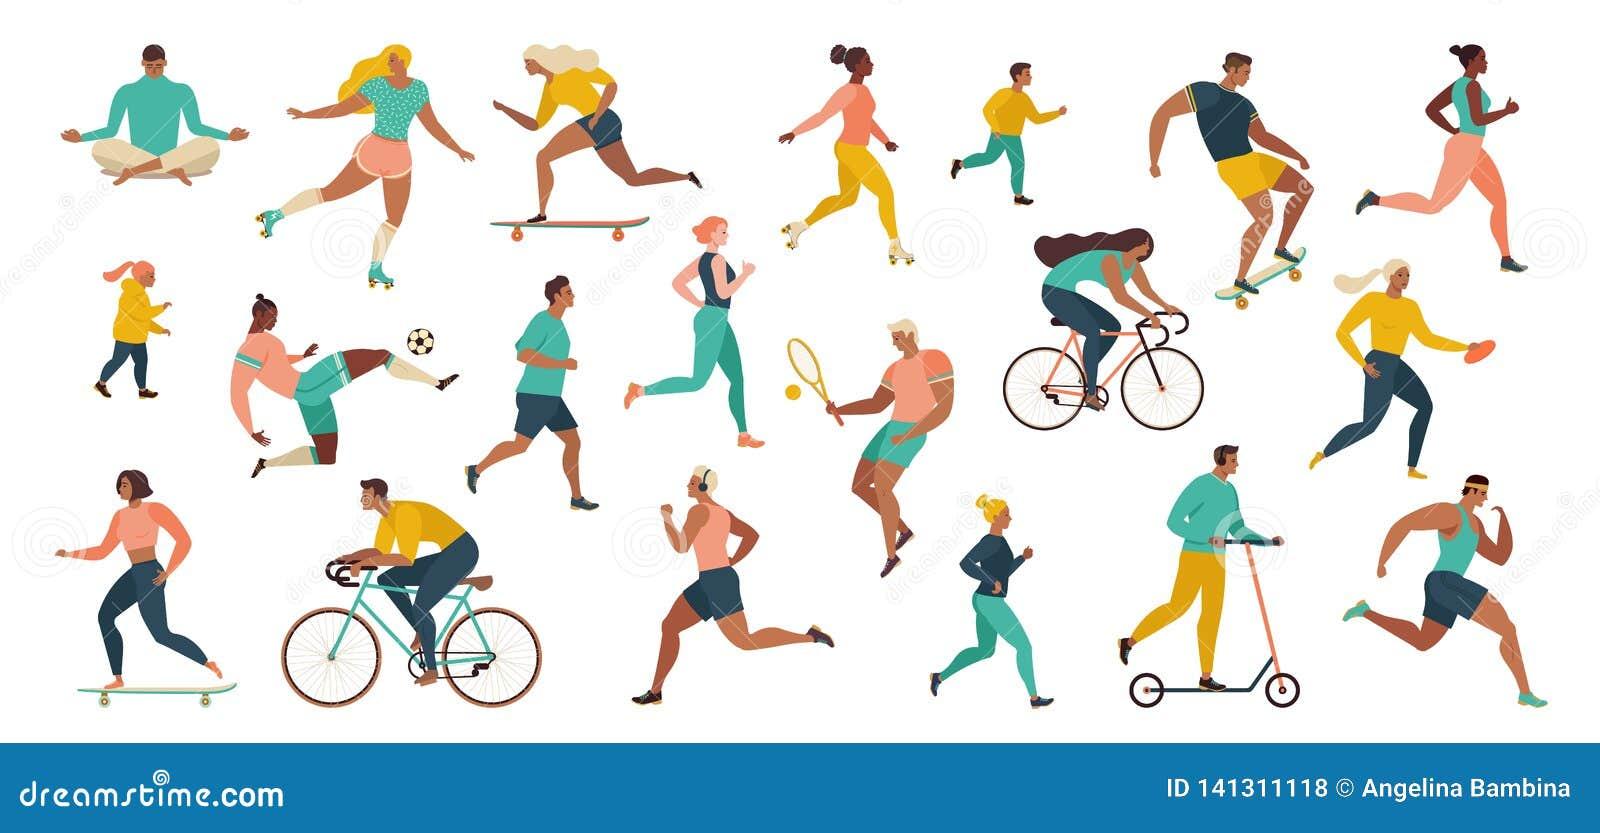 执行体育活动的人在做瑜伽和体操锻炼的公园,跑步,乘坐的自行车,打球